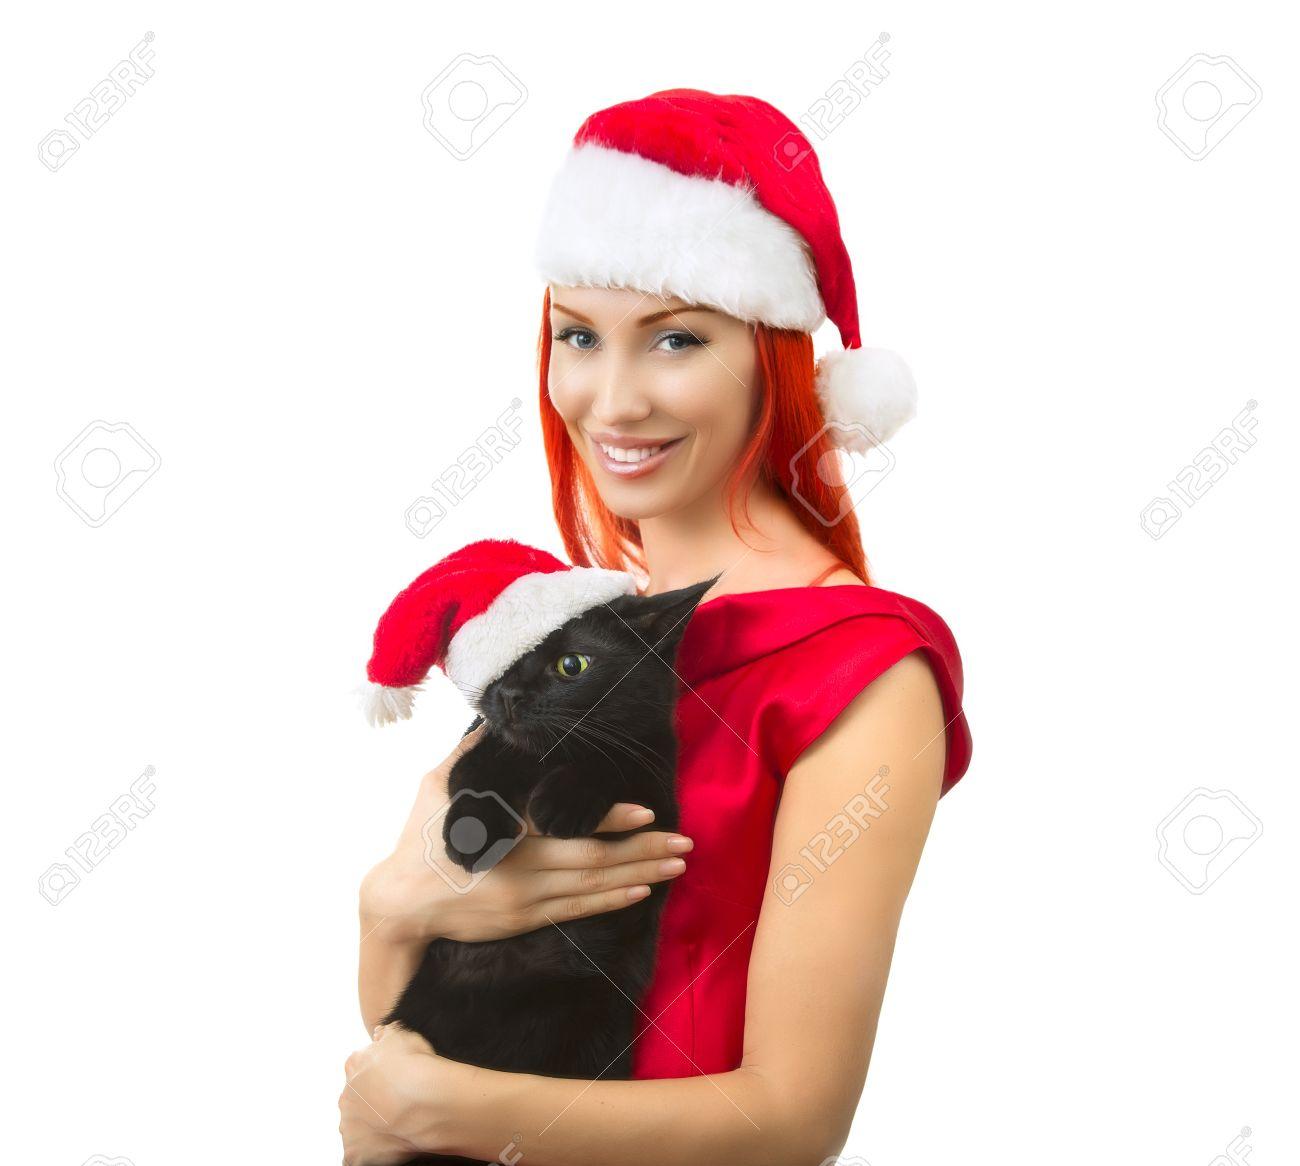 Hermosa Alegre Atractivo Sonriente Mujer De Rojo Sombrero De Papá Noel Con  Divertidos Negro Gato De Santa - El Gato Lindo De Navidad 5607da4eb96